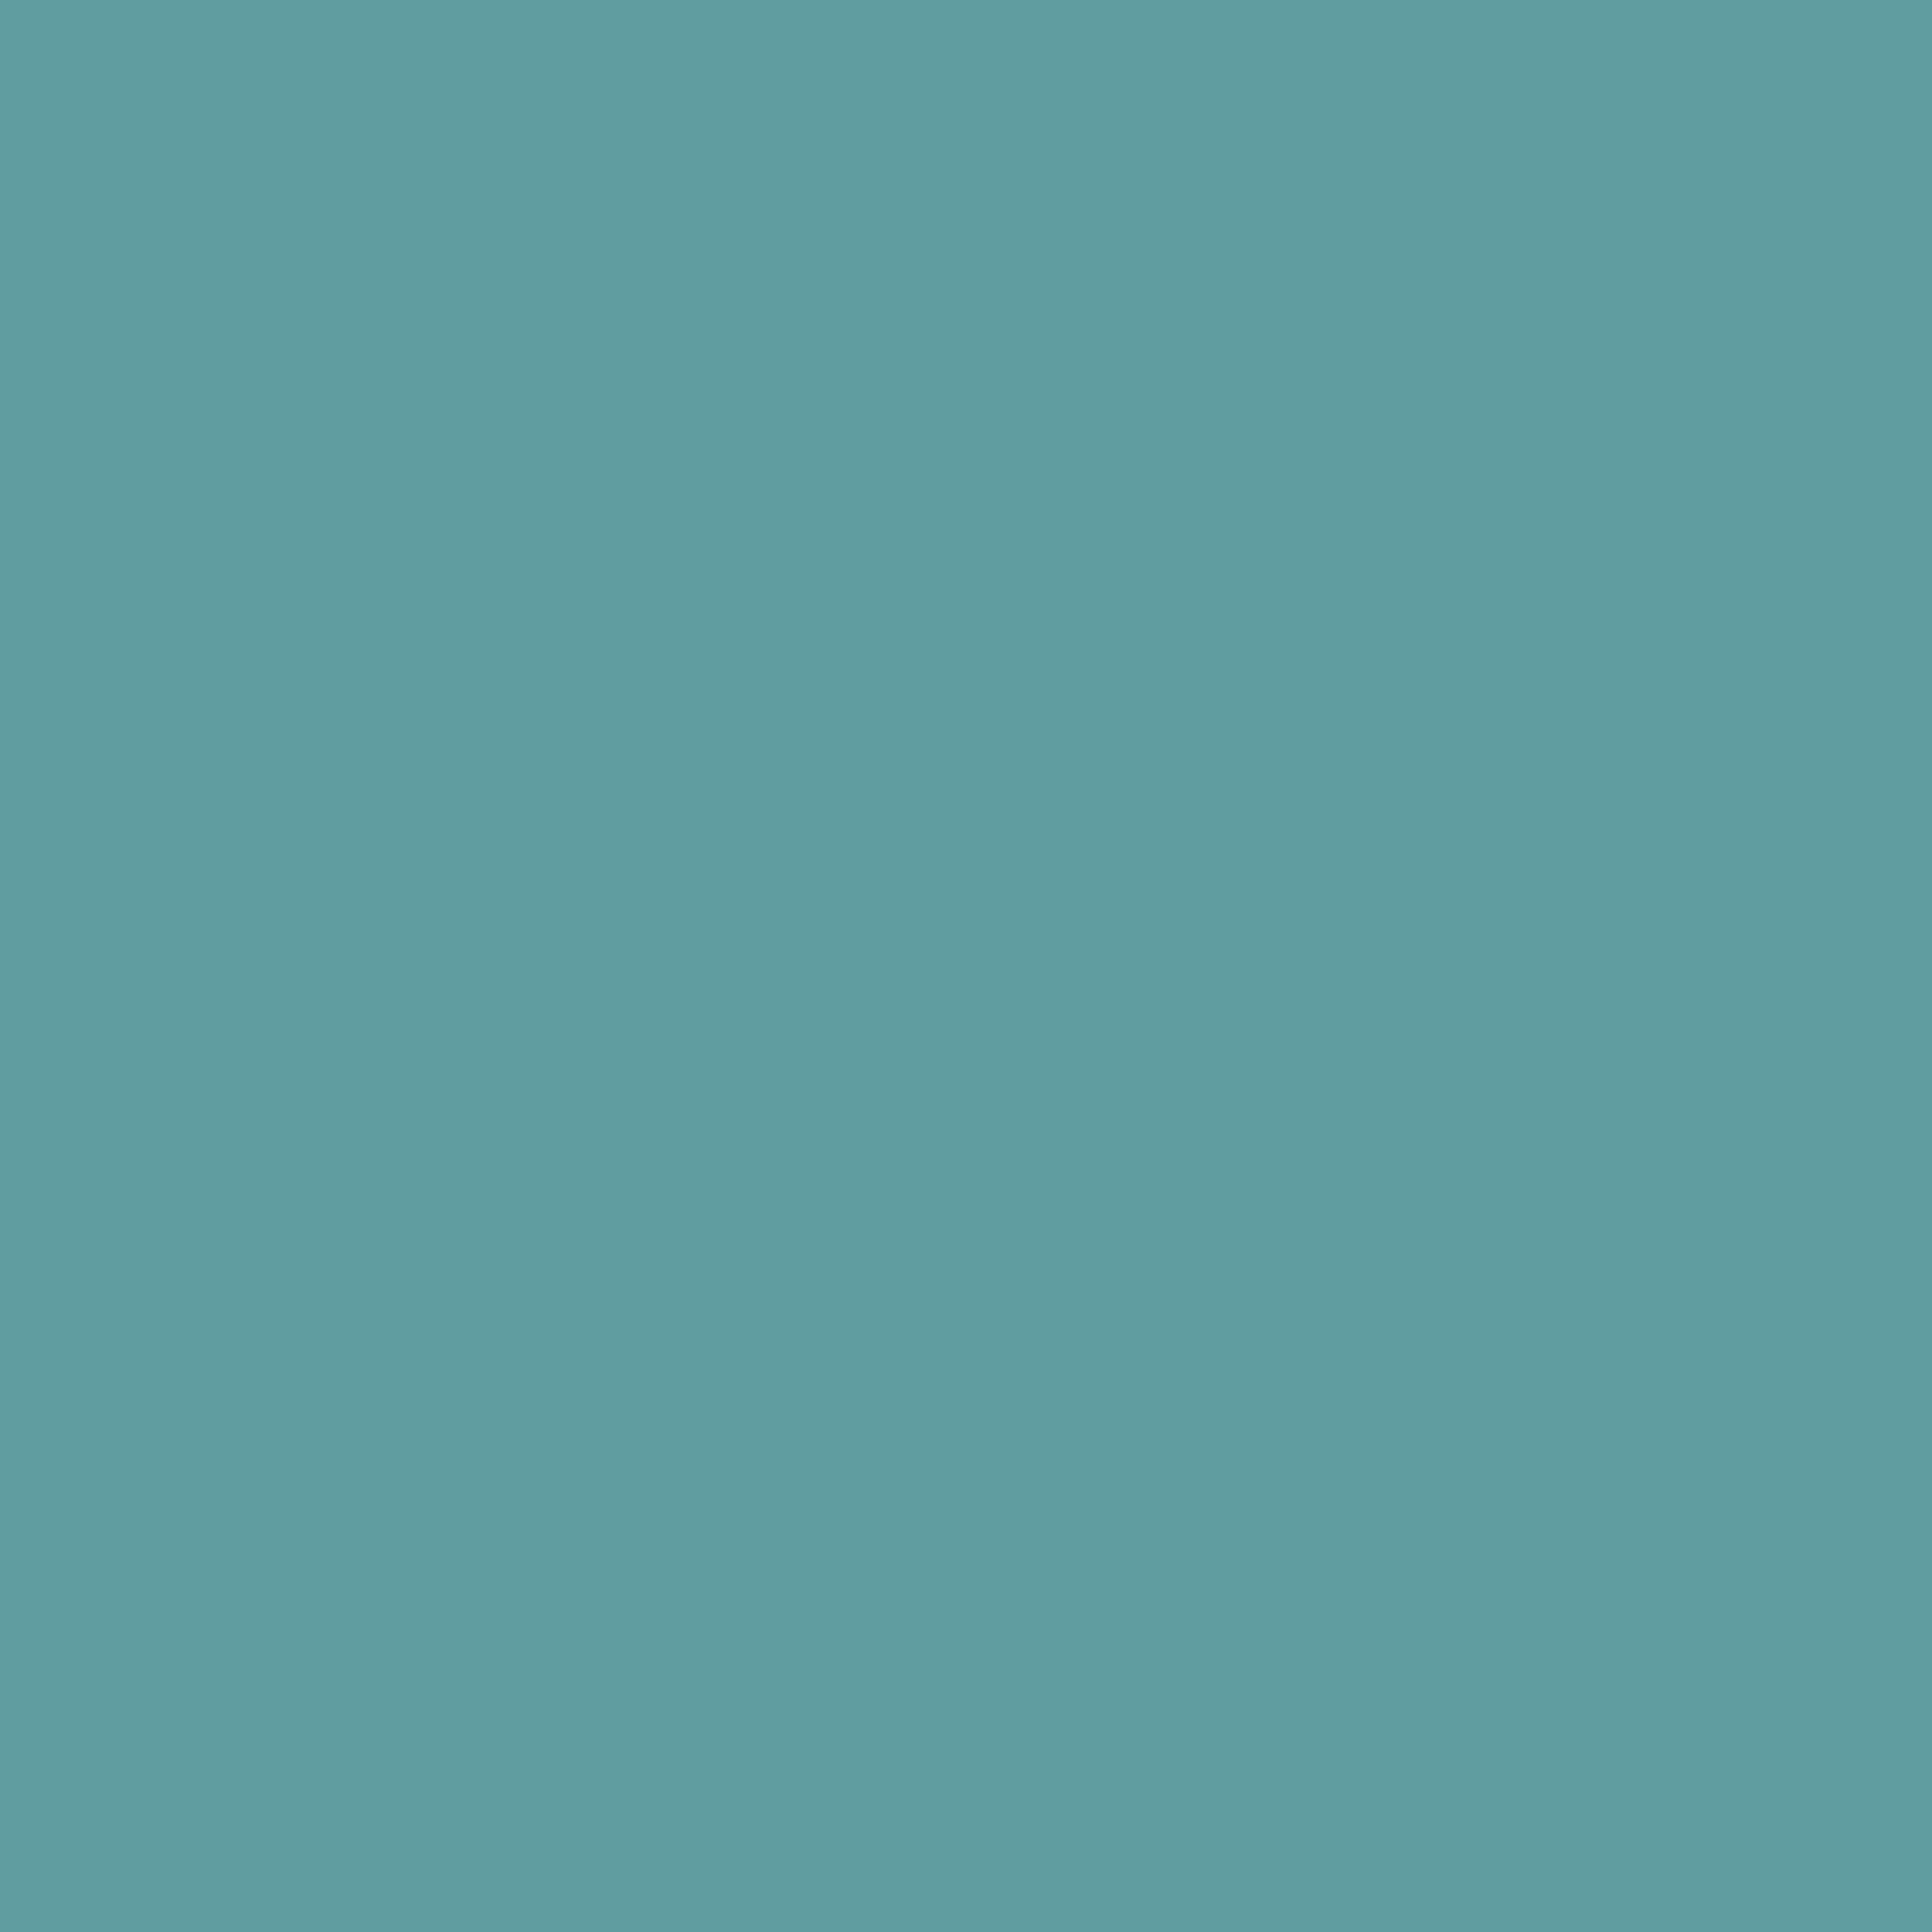 2732x2732 Cadet Blue Solid Color Background